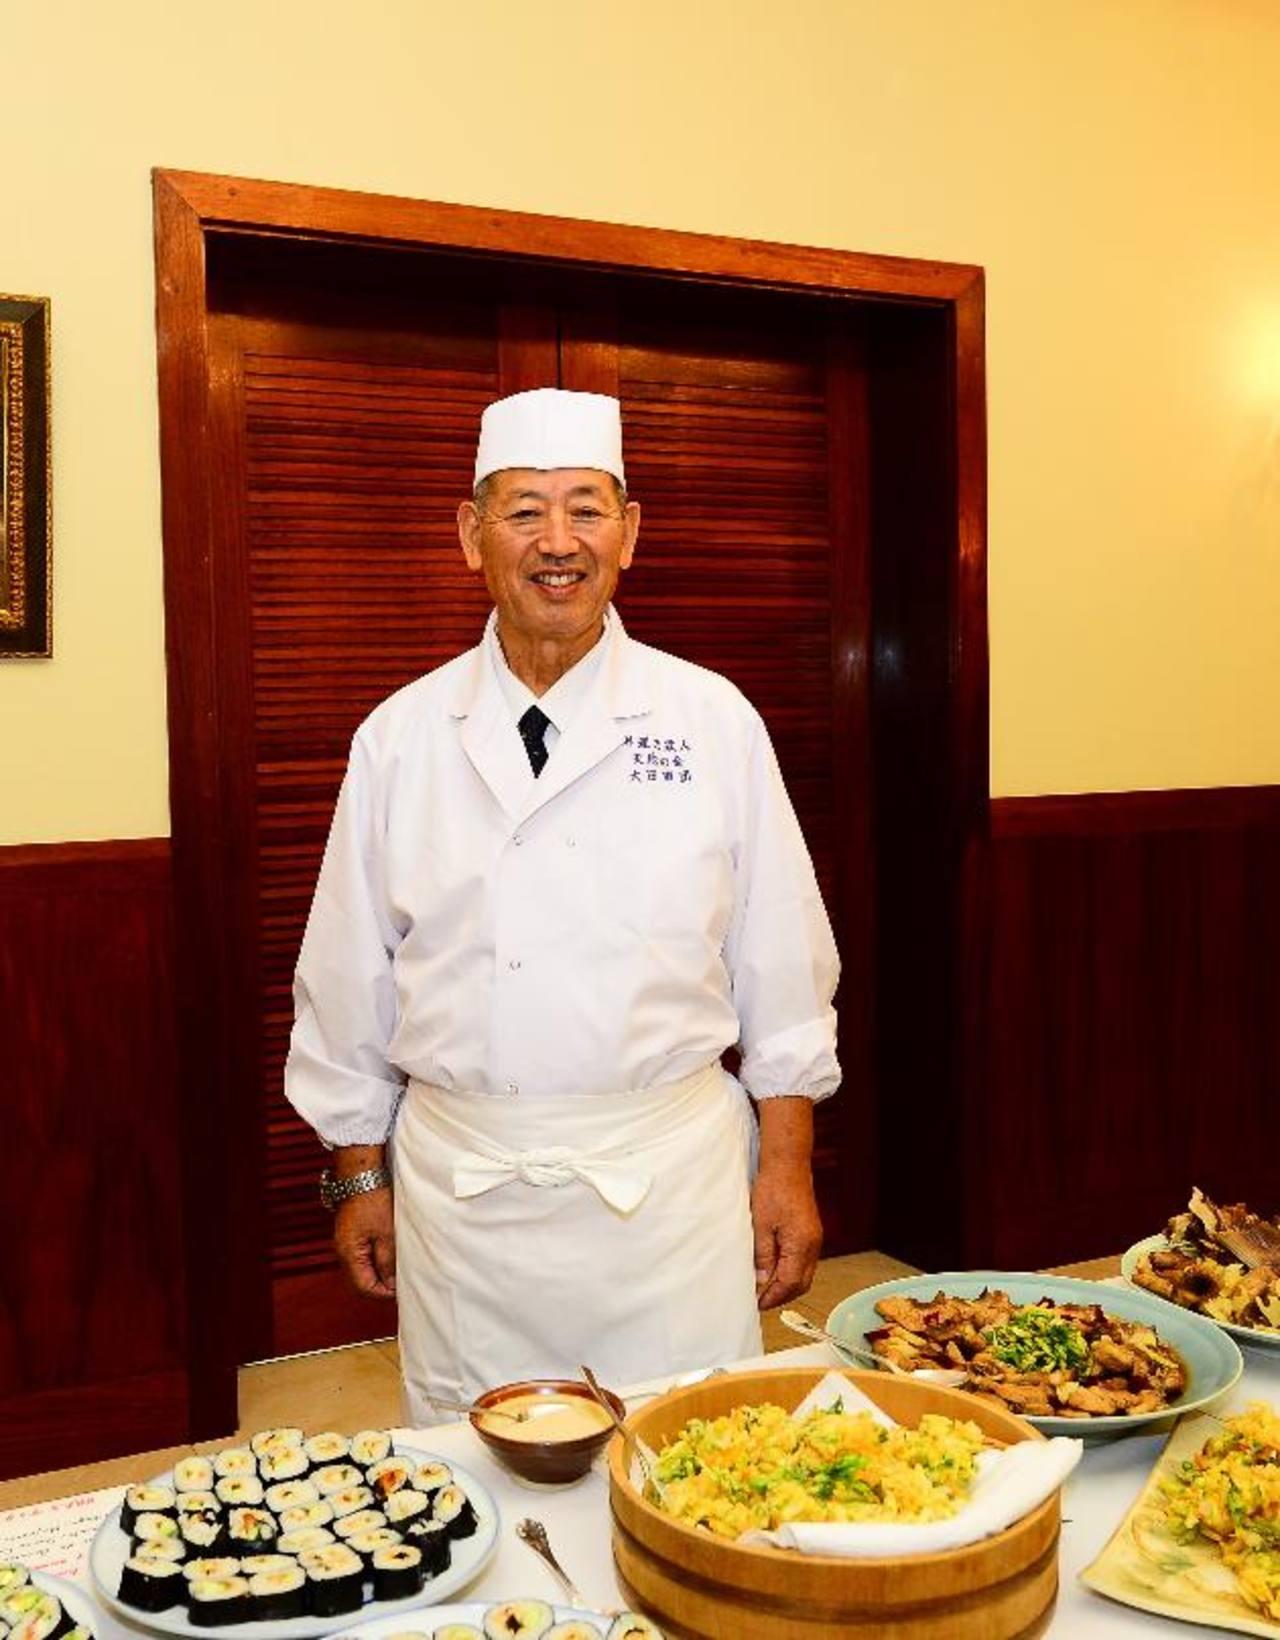 """Tadamichi Ota recibió el reconocimiento de Iron Chef al derrotar al chef Hiroyuki Sakai en la célebre """"Batalla del pulpo"""" en un programa de cocina japonesa. Fotos EDH / Omar carbonero"""